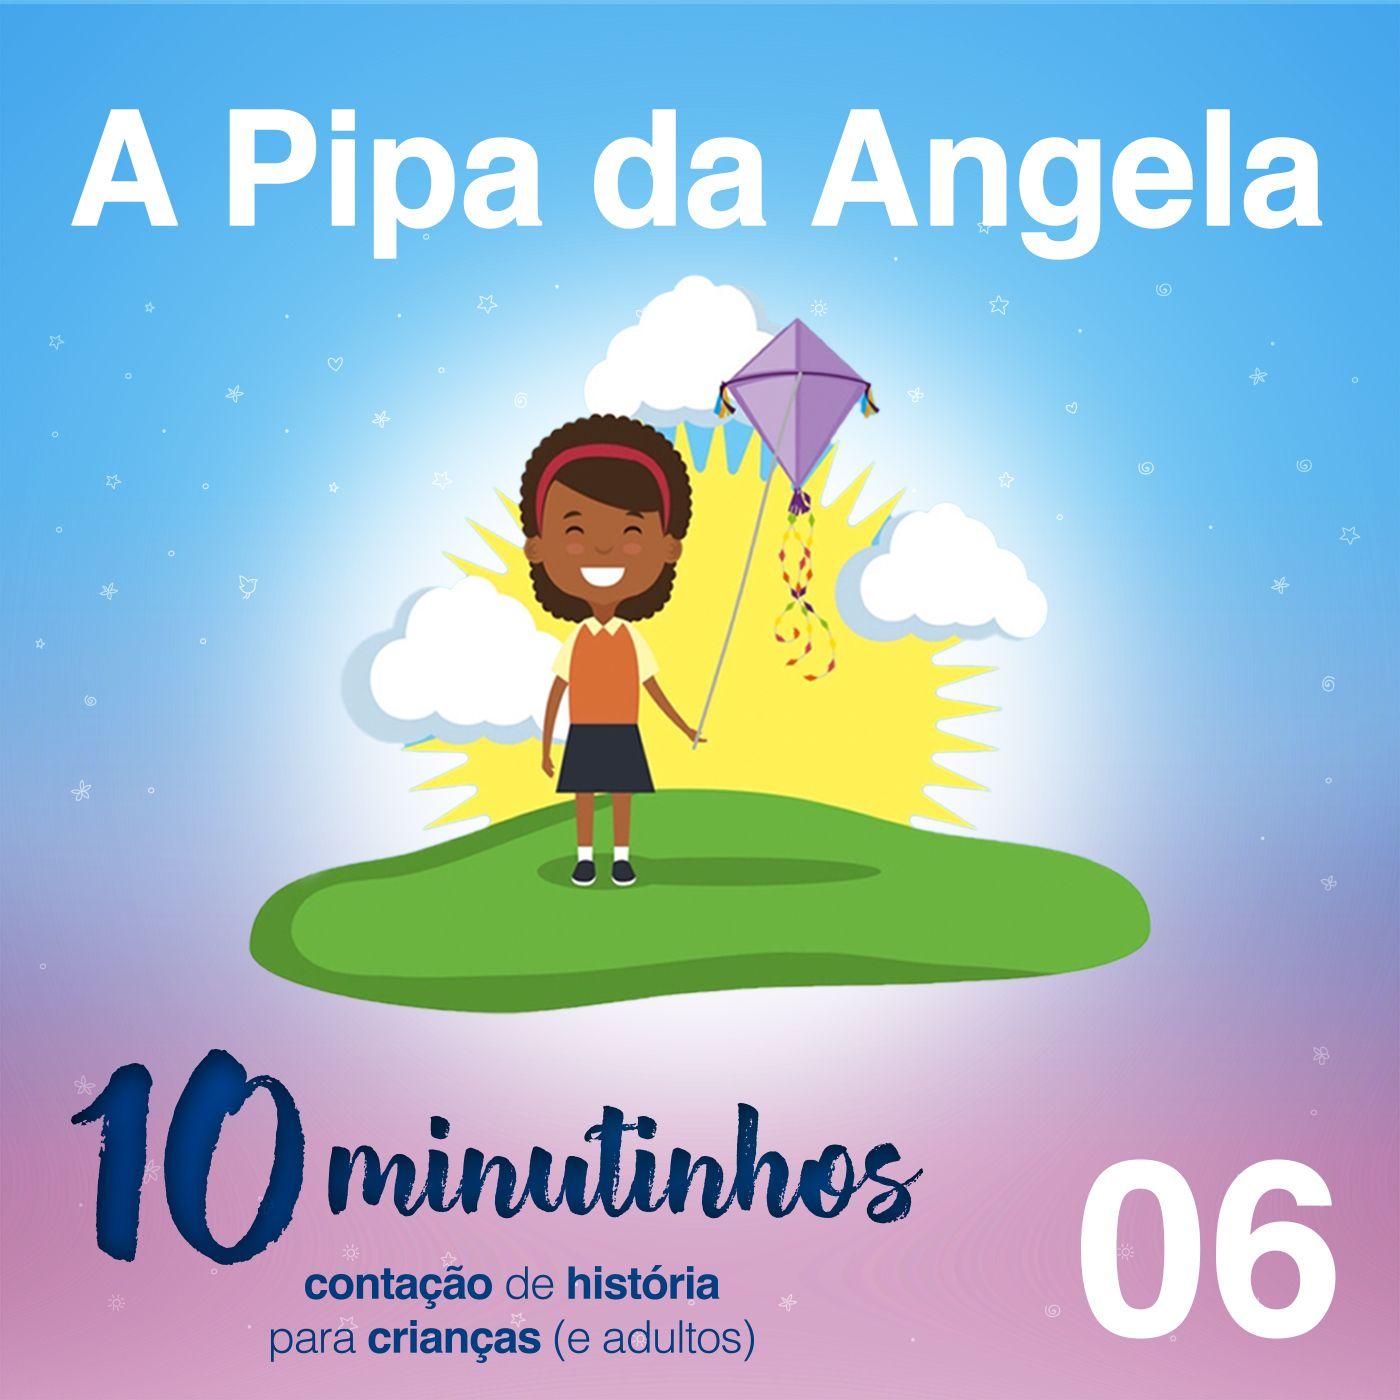 10 Minutinhos #06 - A Pipa da Angela